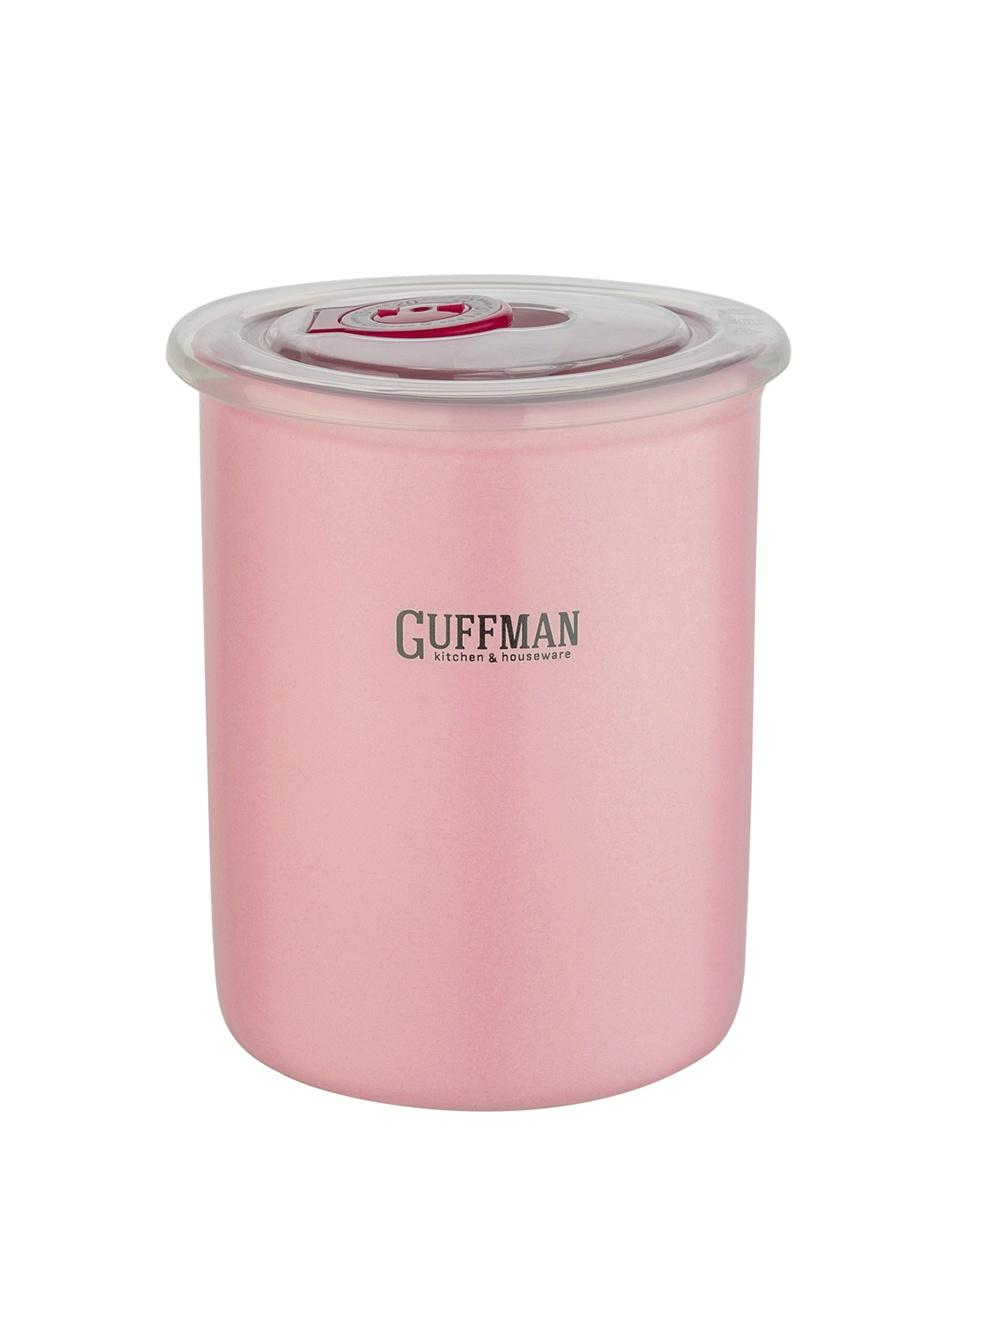 Банка для сыпучих продуктов Guffman Ceramics, розовый все цены